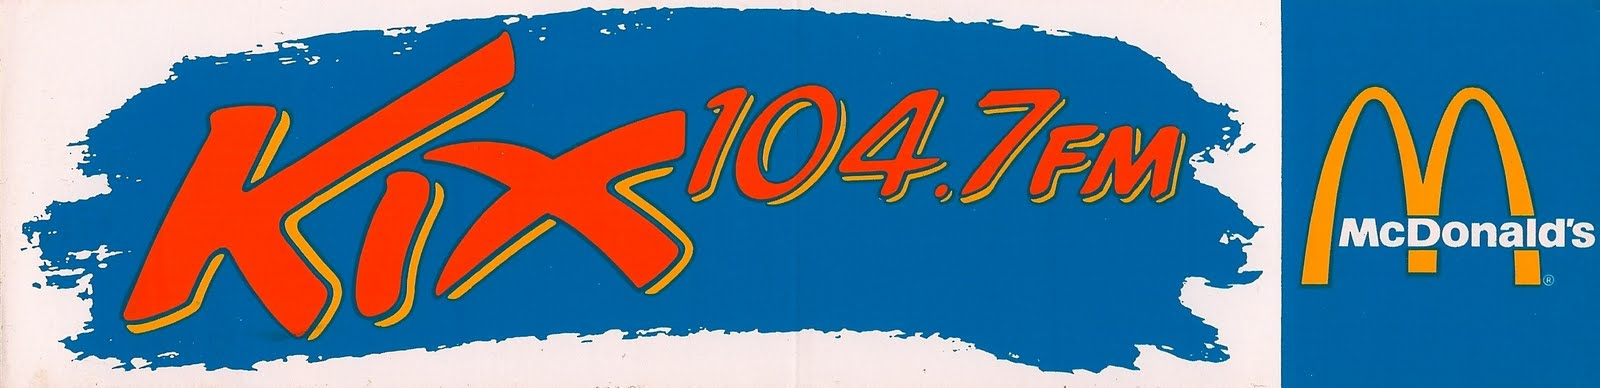 Radio Sticker of the Day: WKFM / WBBS